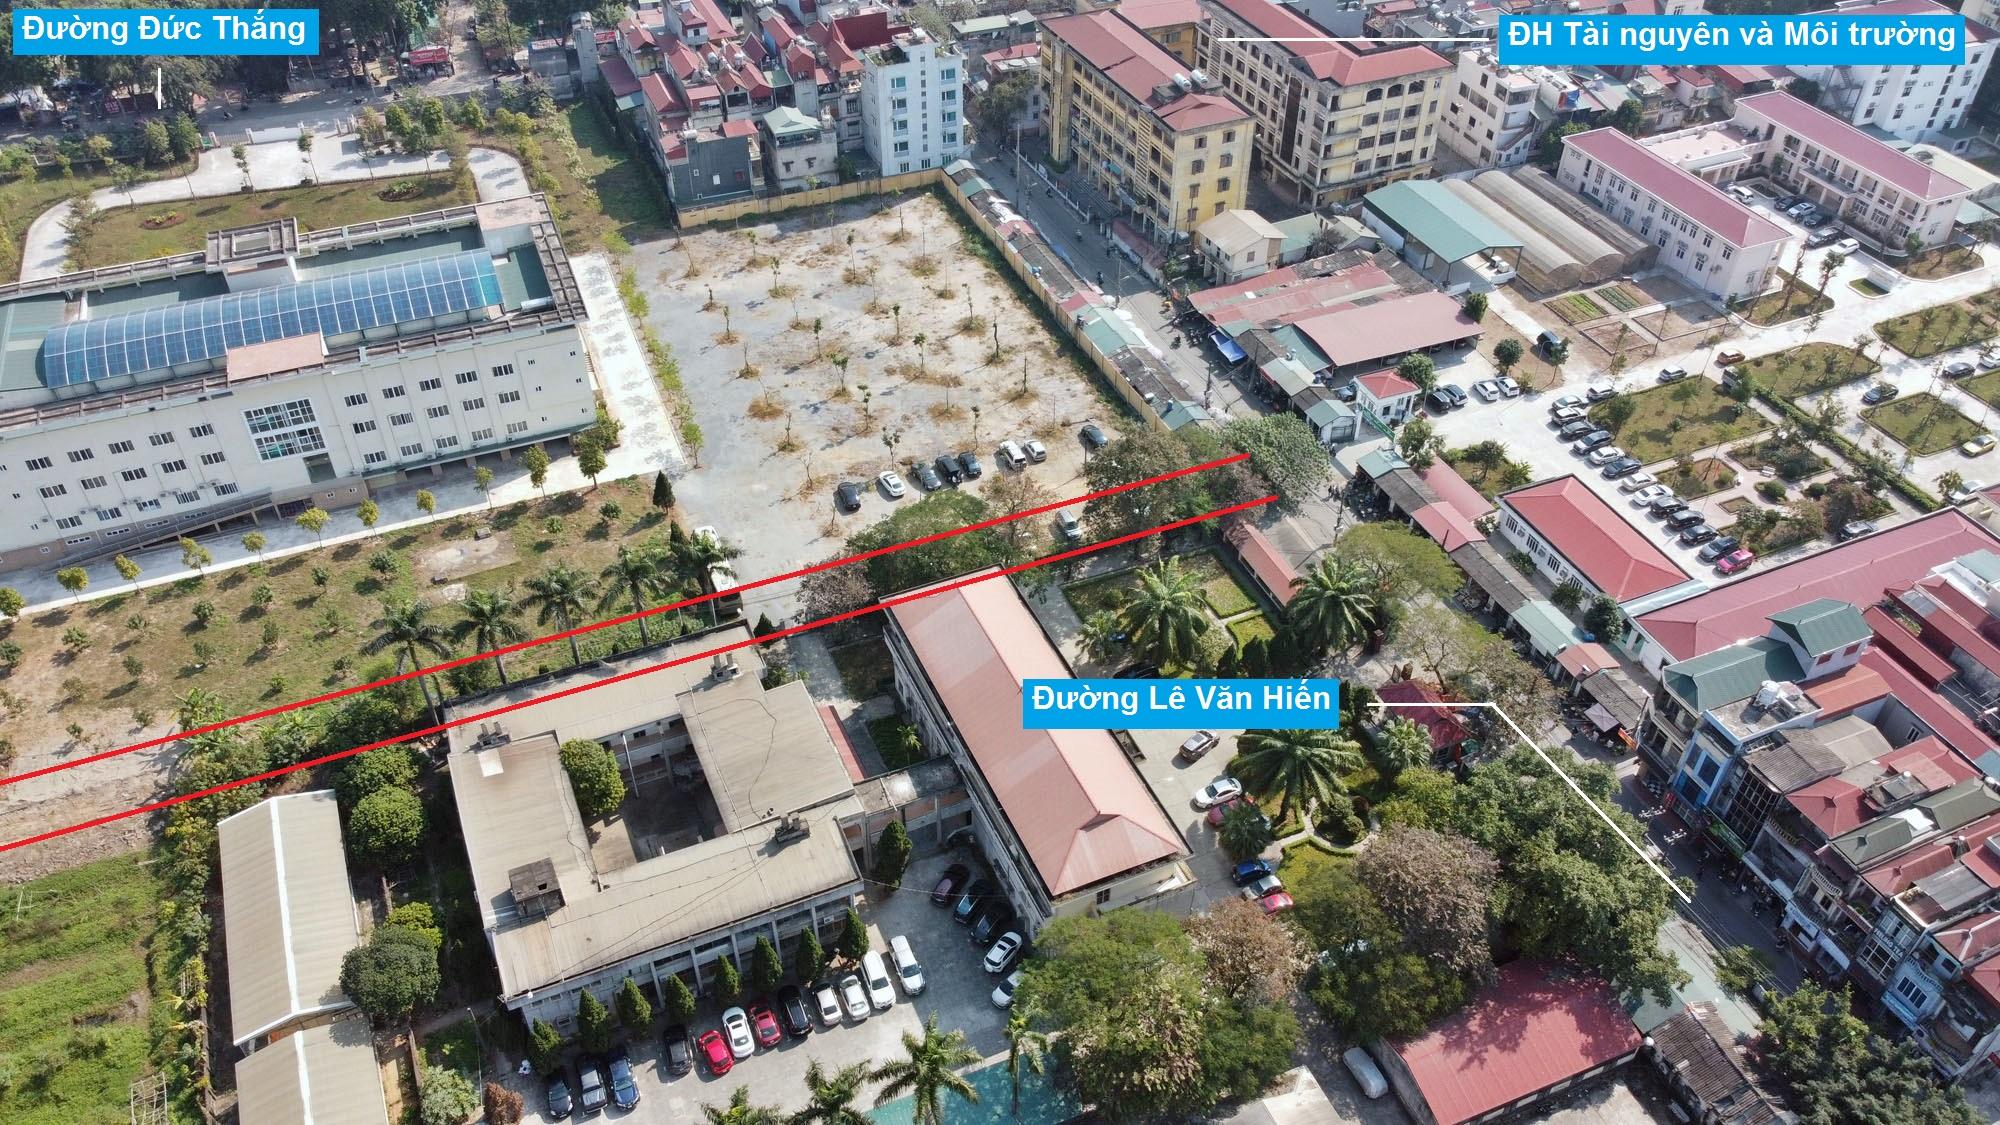 Ba đường sẽ mở theo qui hoạch ở phường Đức Thắng, Bắc Từ Liêm, Hà Nội (phần 2) - Ảnh 13.